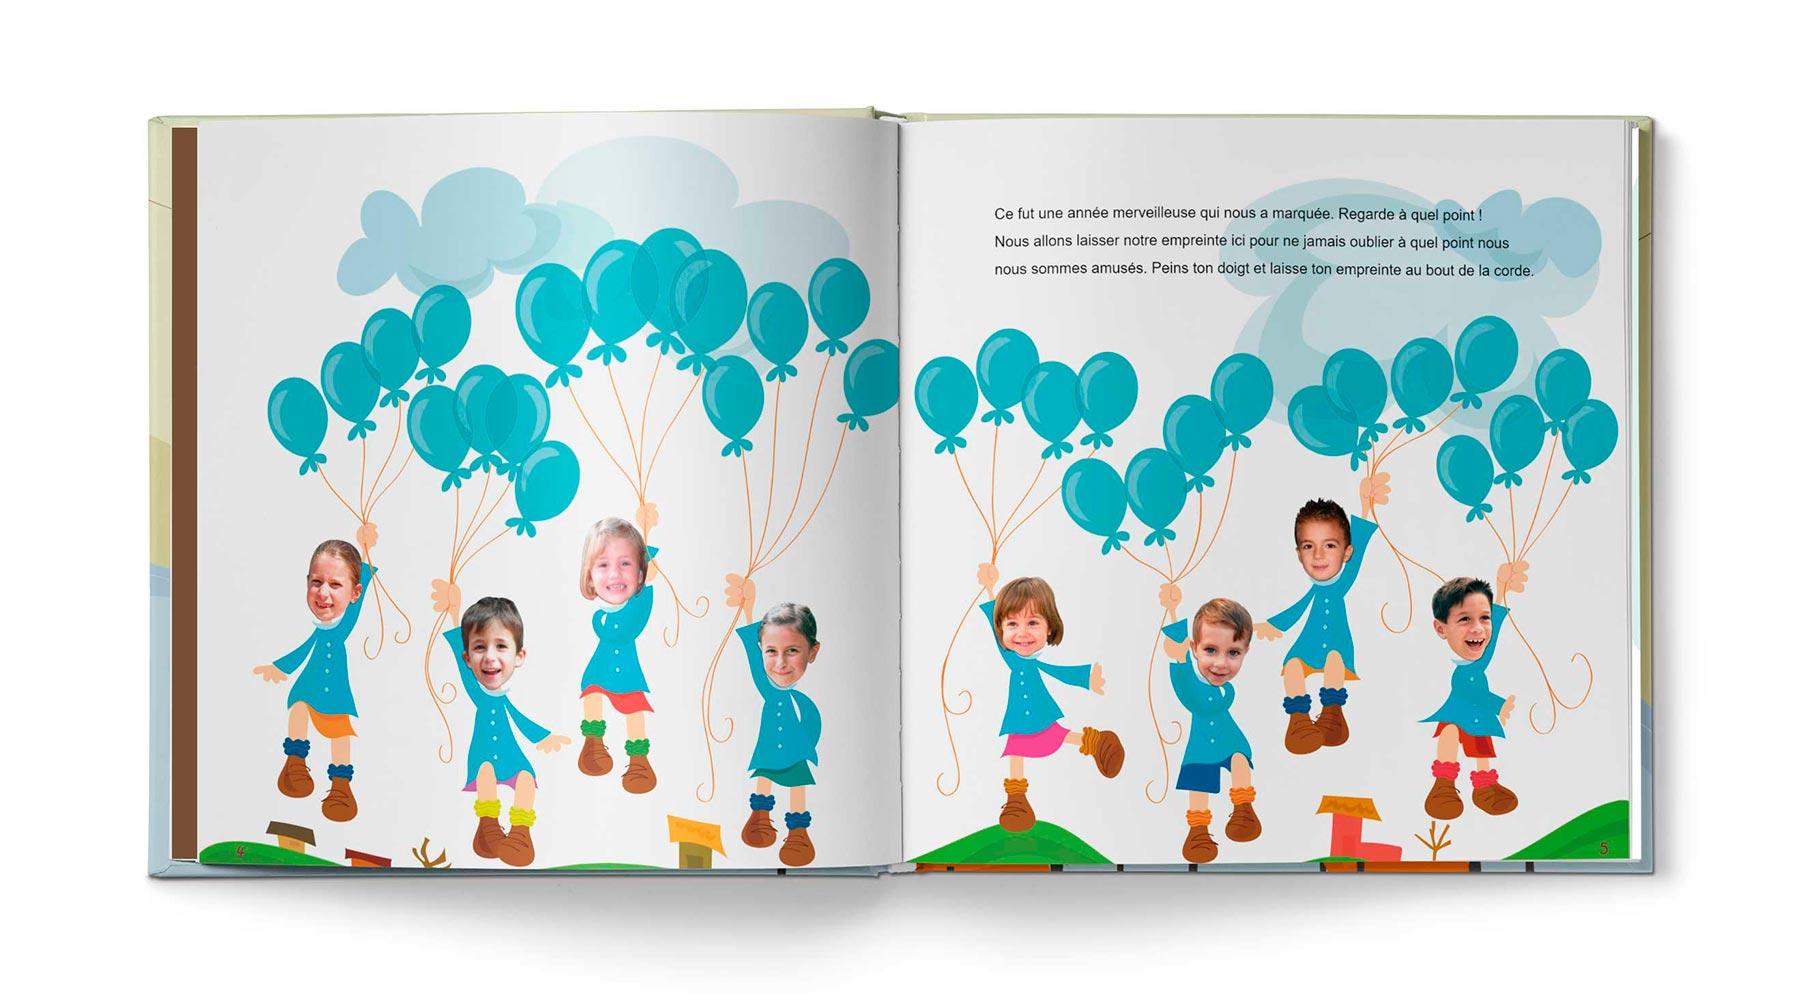 Histoire Le livre d'école - Image 2